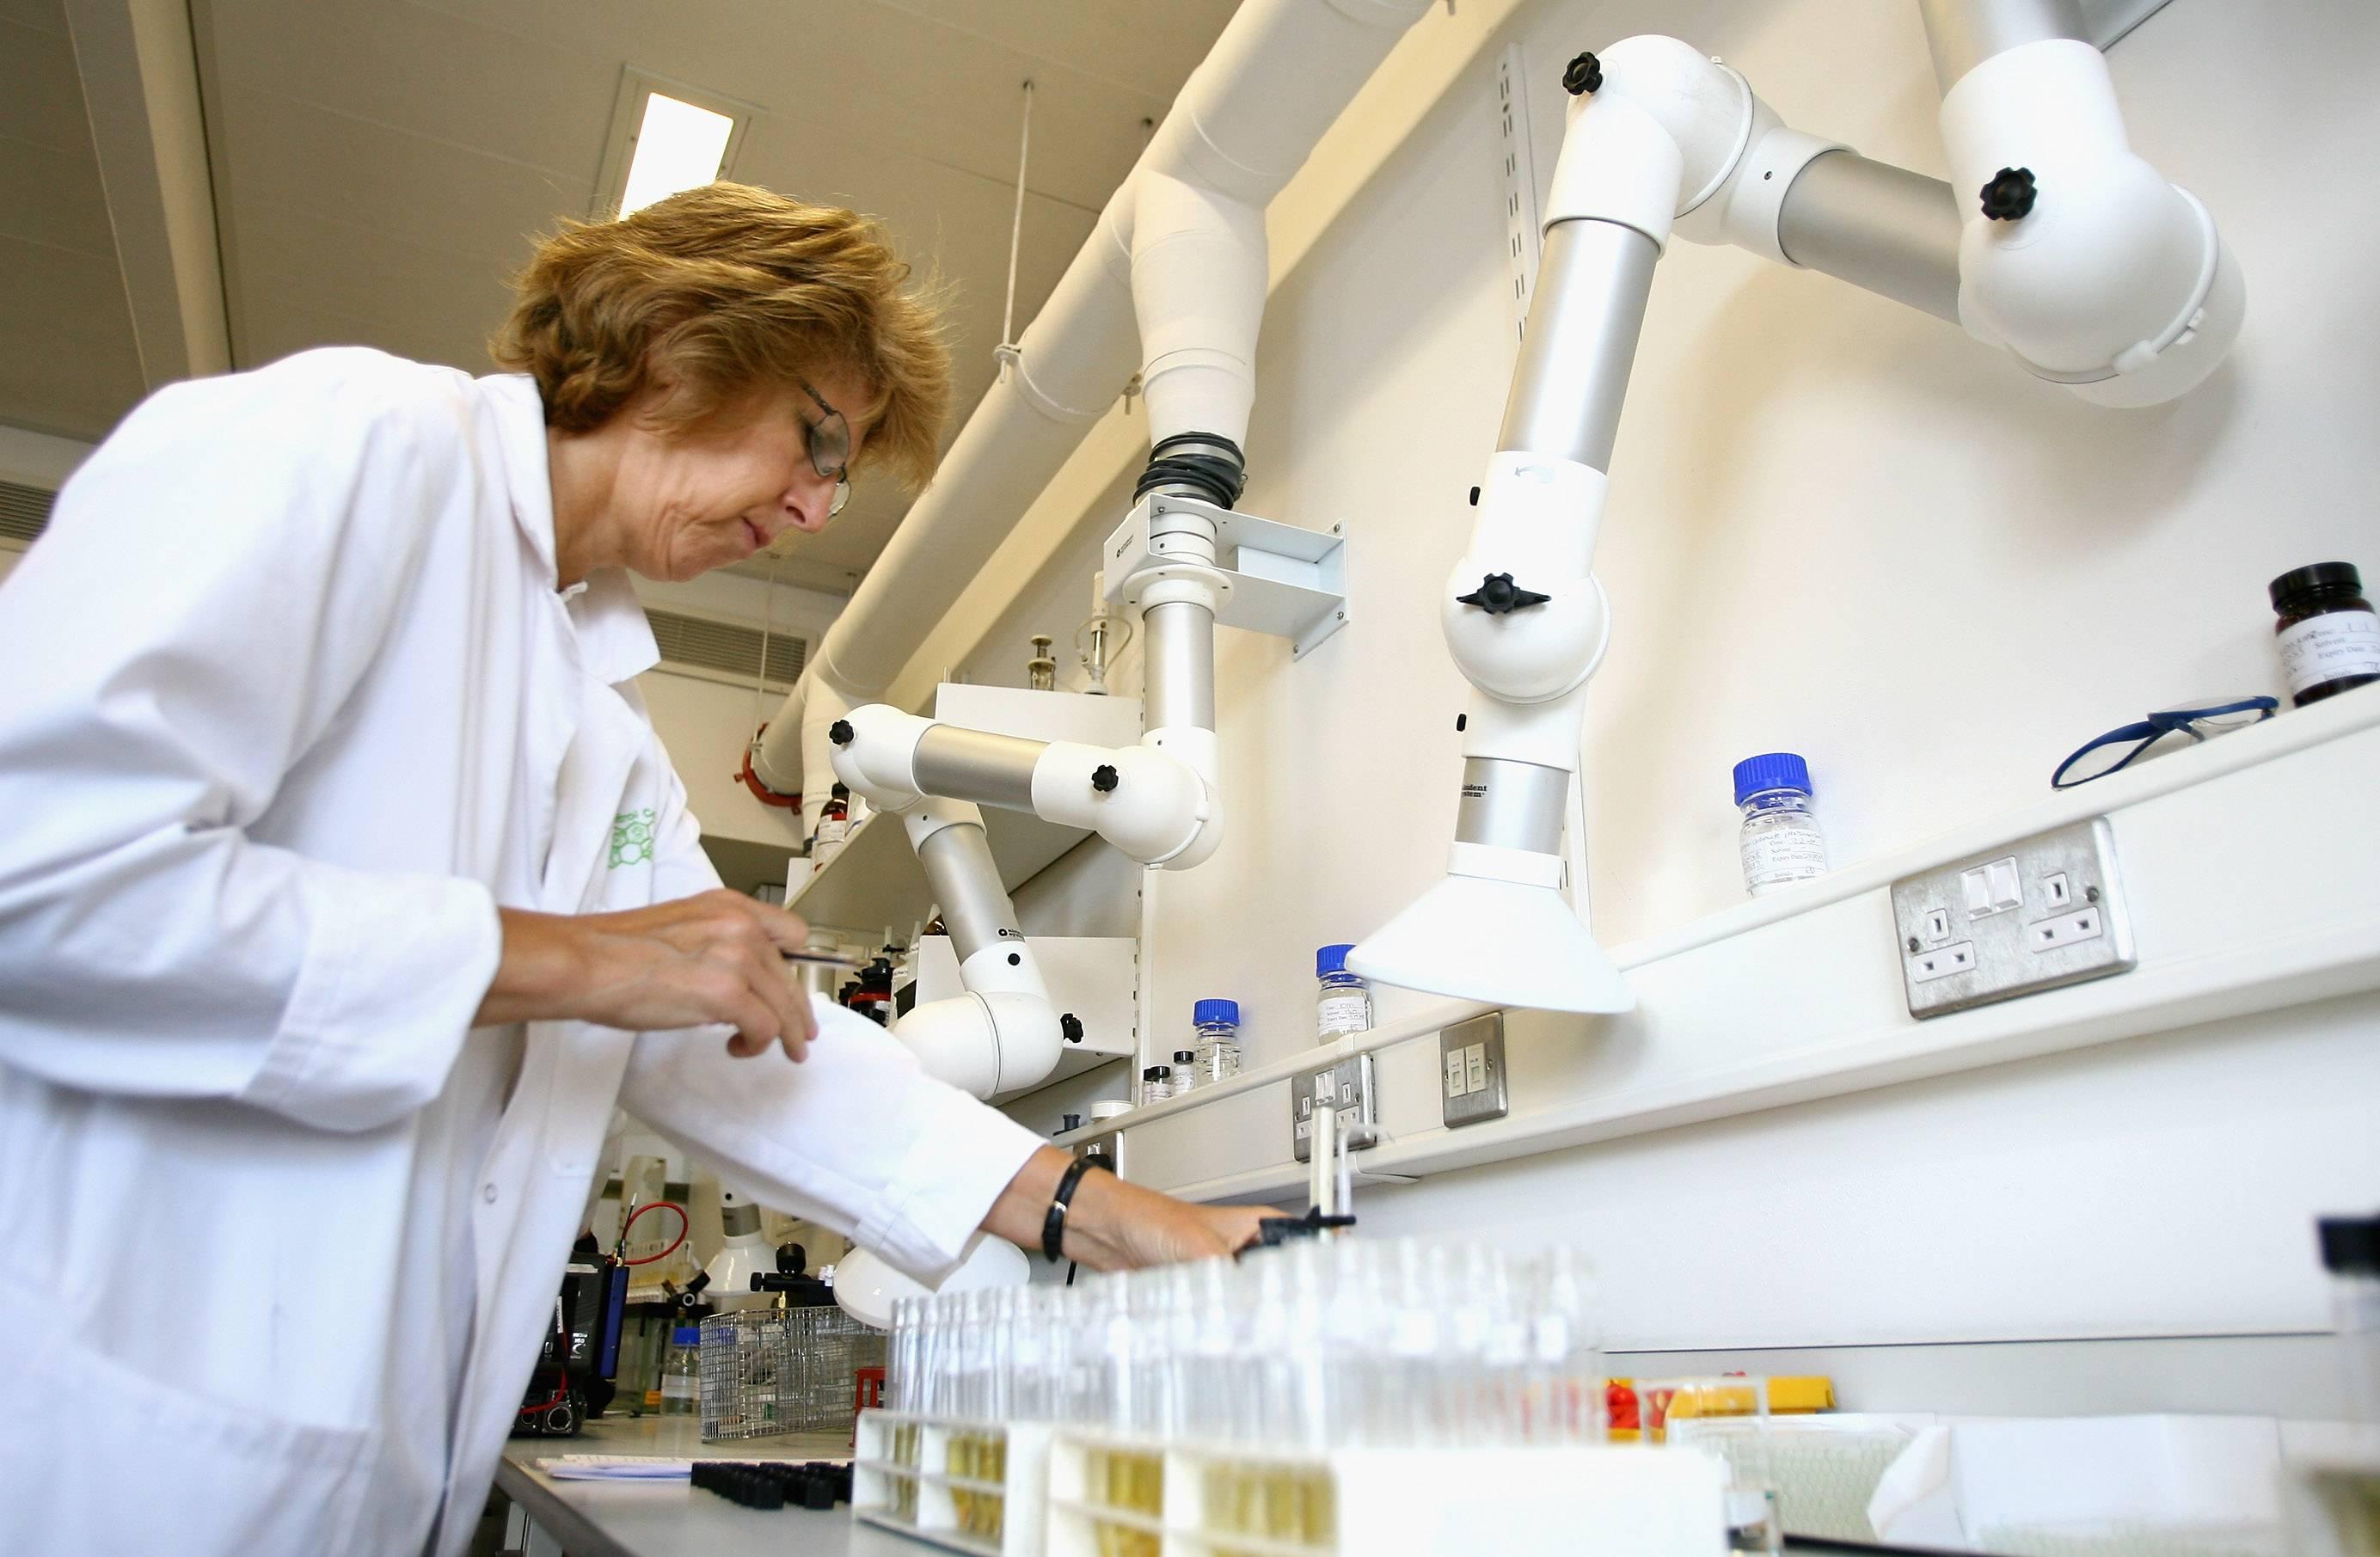 Científicas colombianas pueden aspirar a becas de investigación financiadas por L